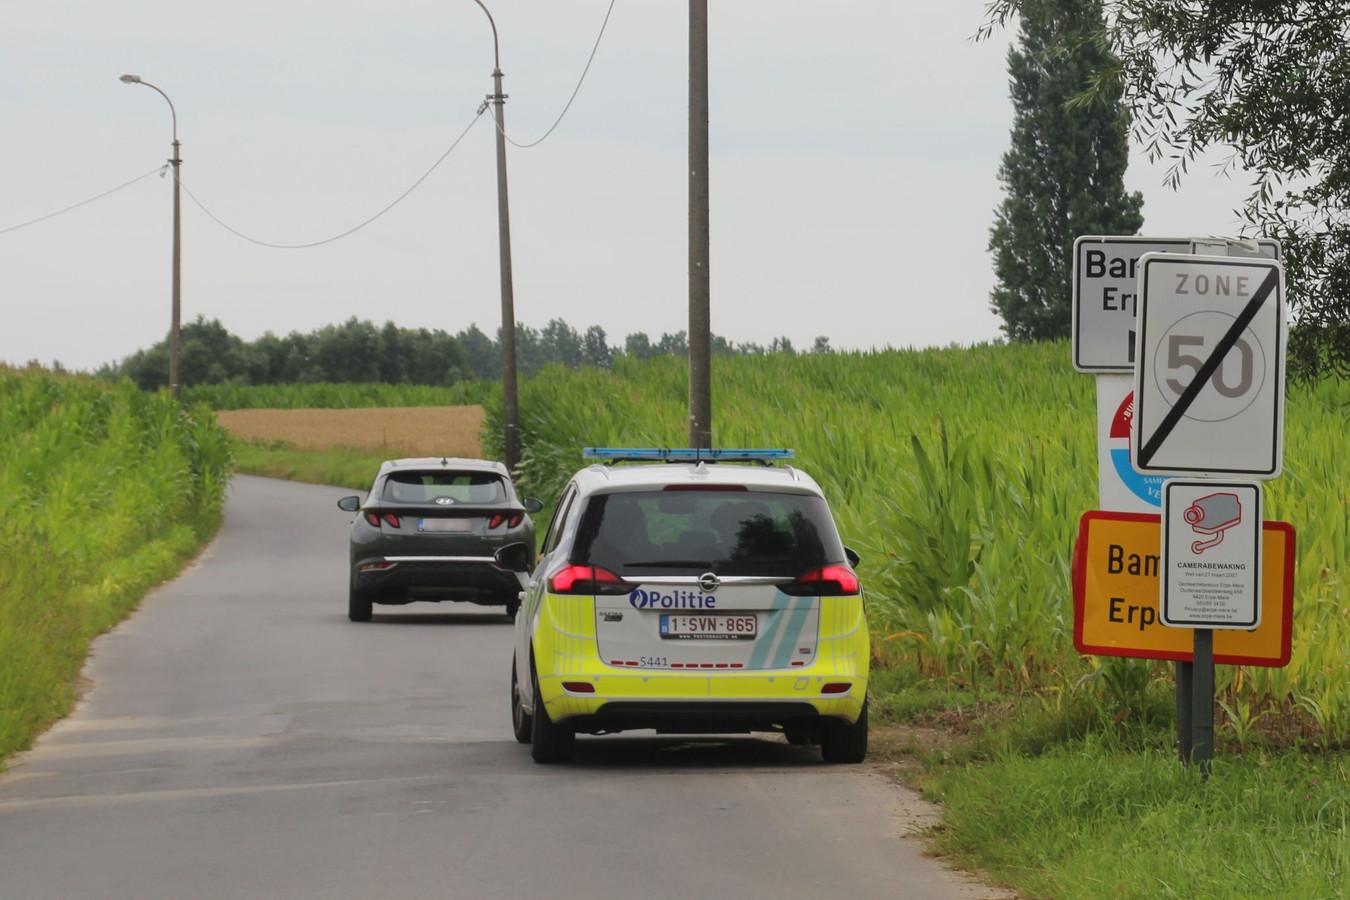 Ploegen van de Lokale politie en Wegpolitie zochten bijna twee uur naar de voortvluchtige nadat hij zijn wagen achterliet op de E40 op de grens van Zonnegem met Vlekkem.